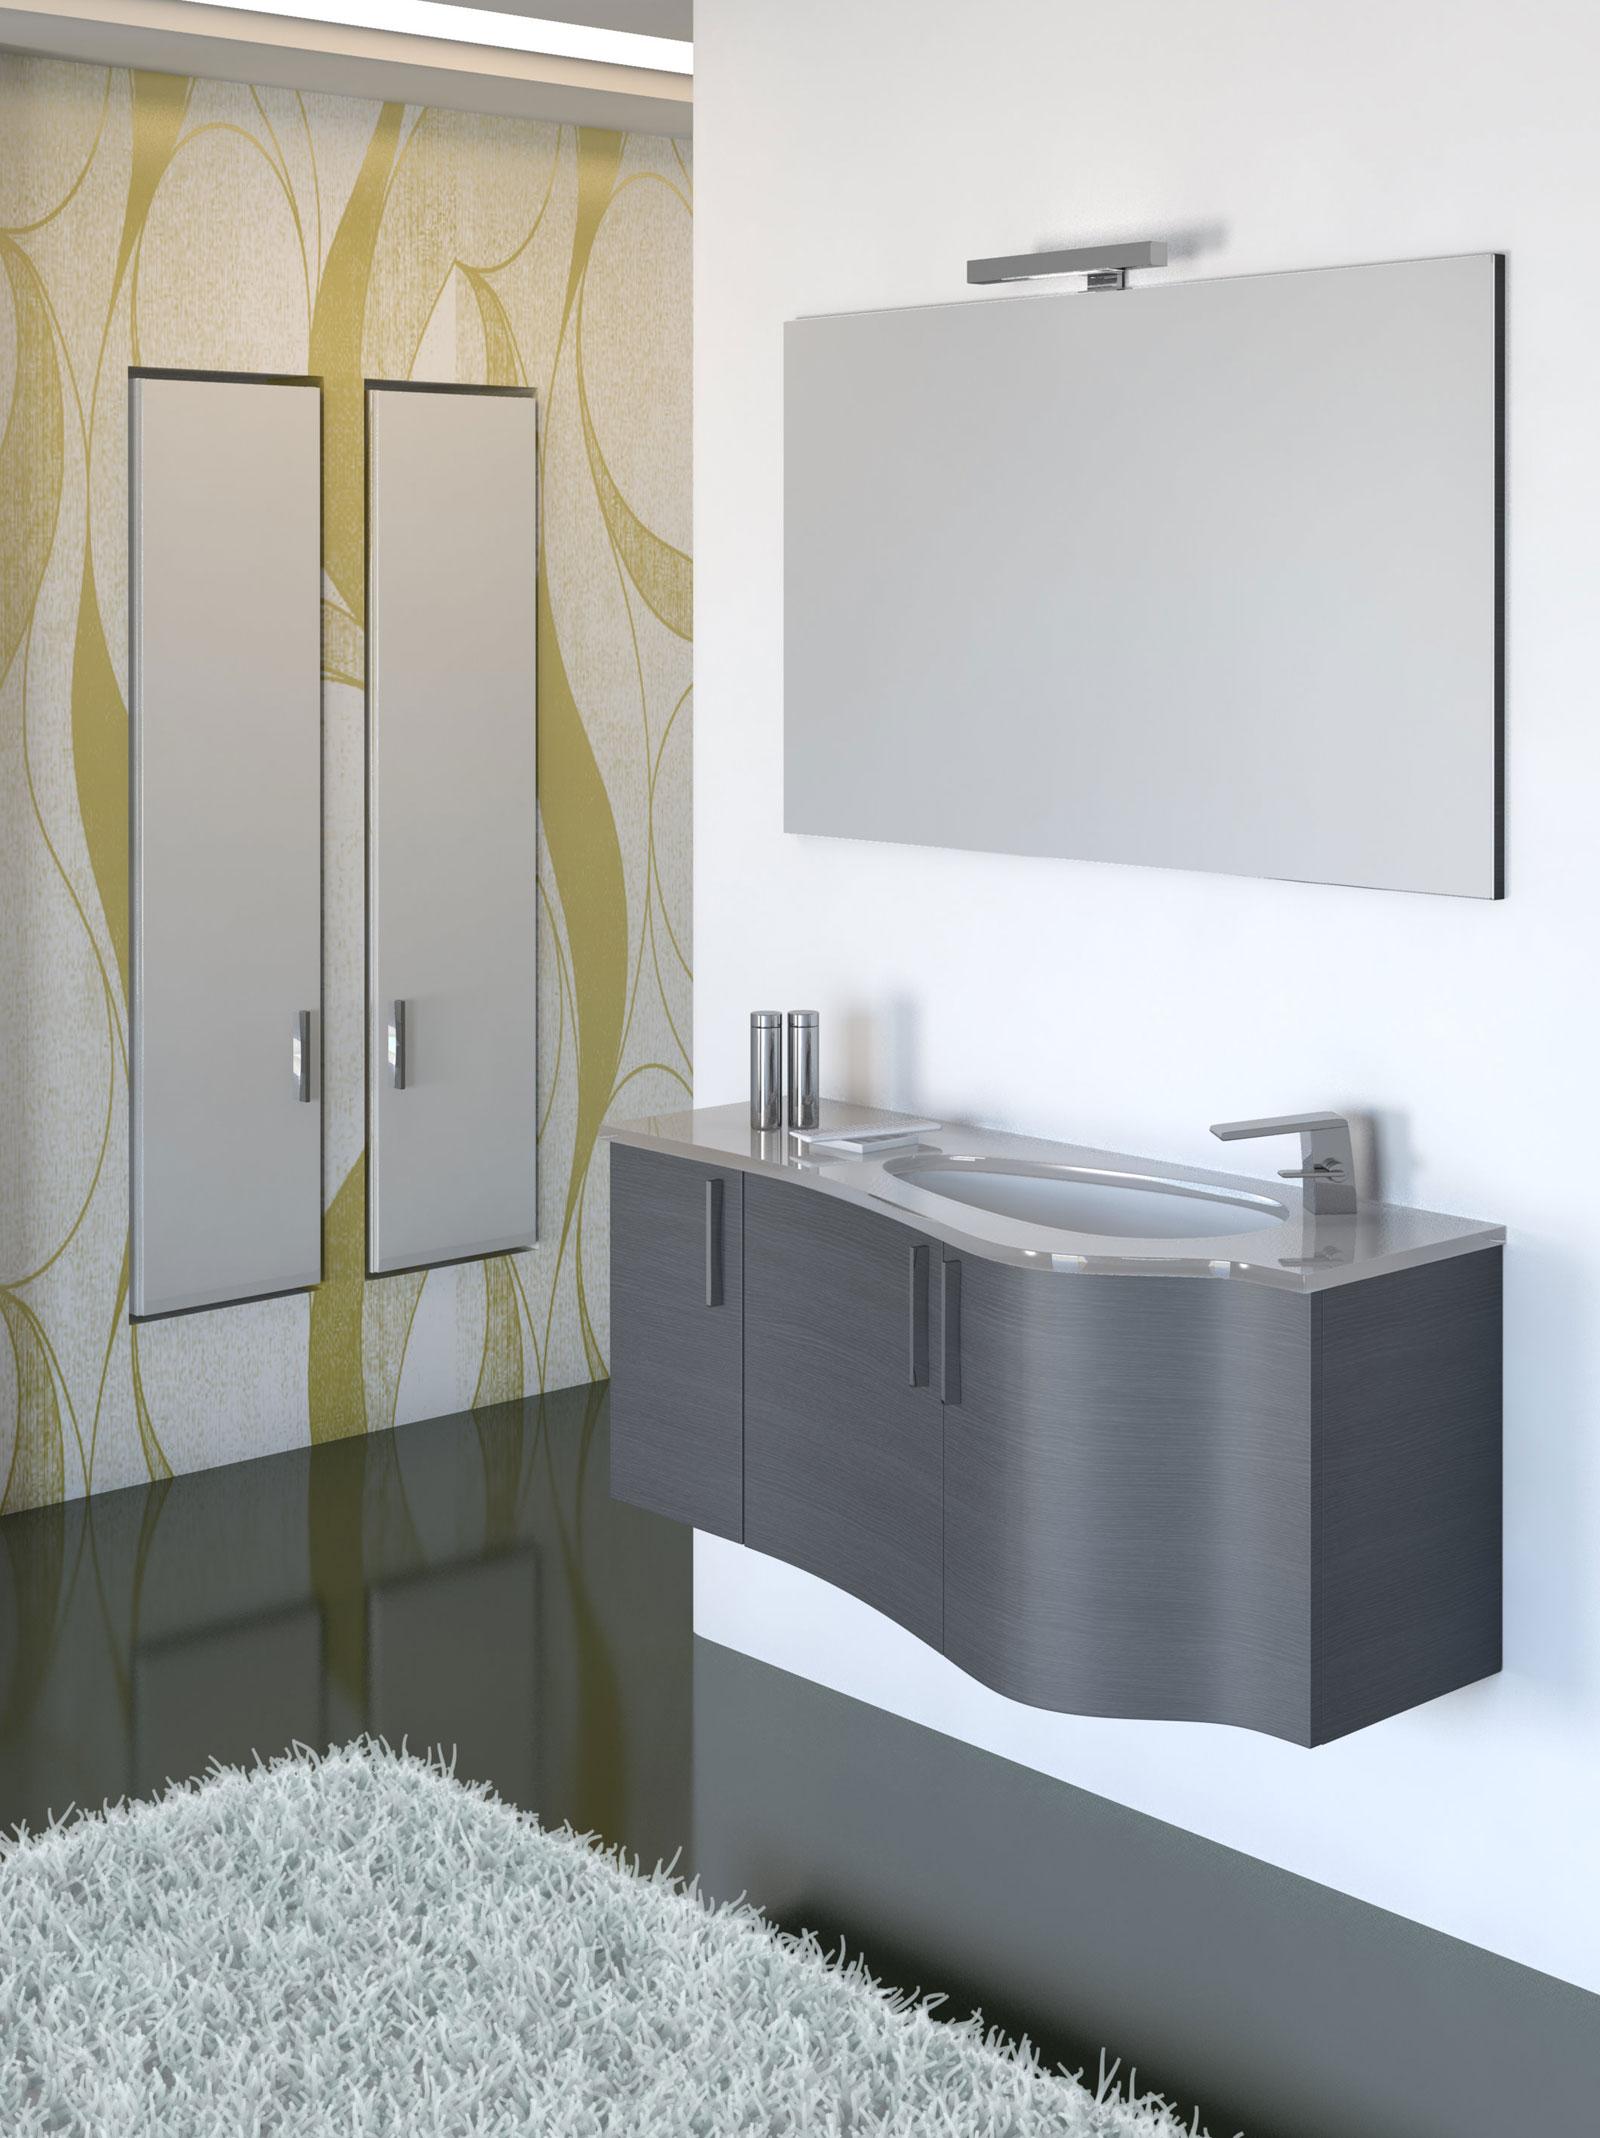 Arredo bagno design duebi italia for Produzione mobili bagno